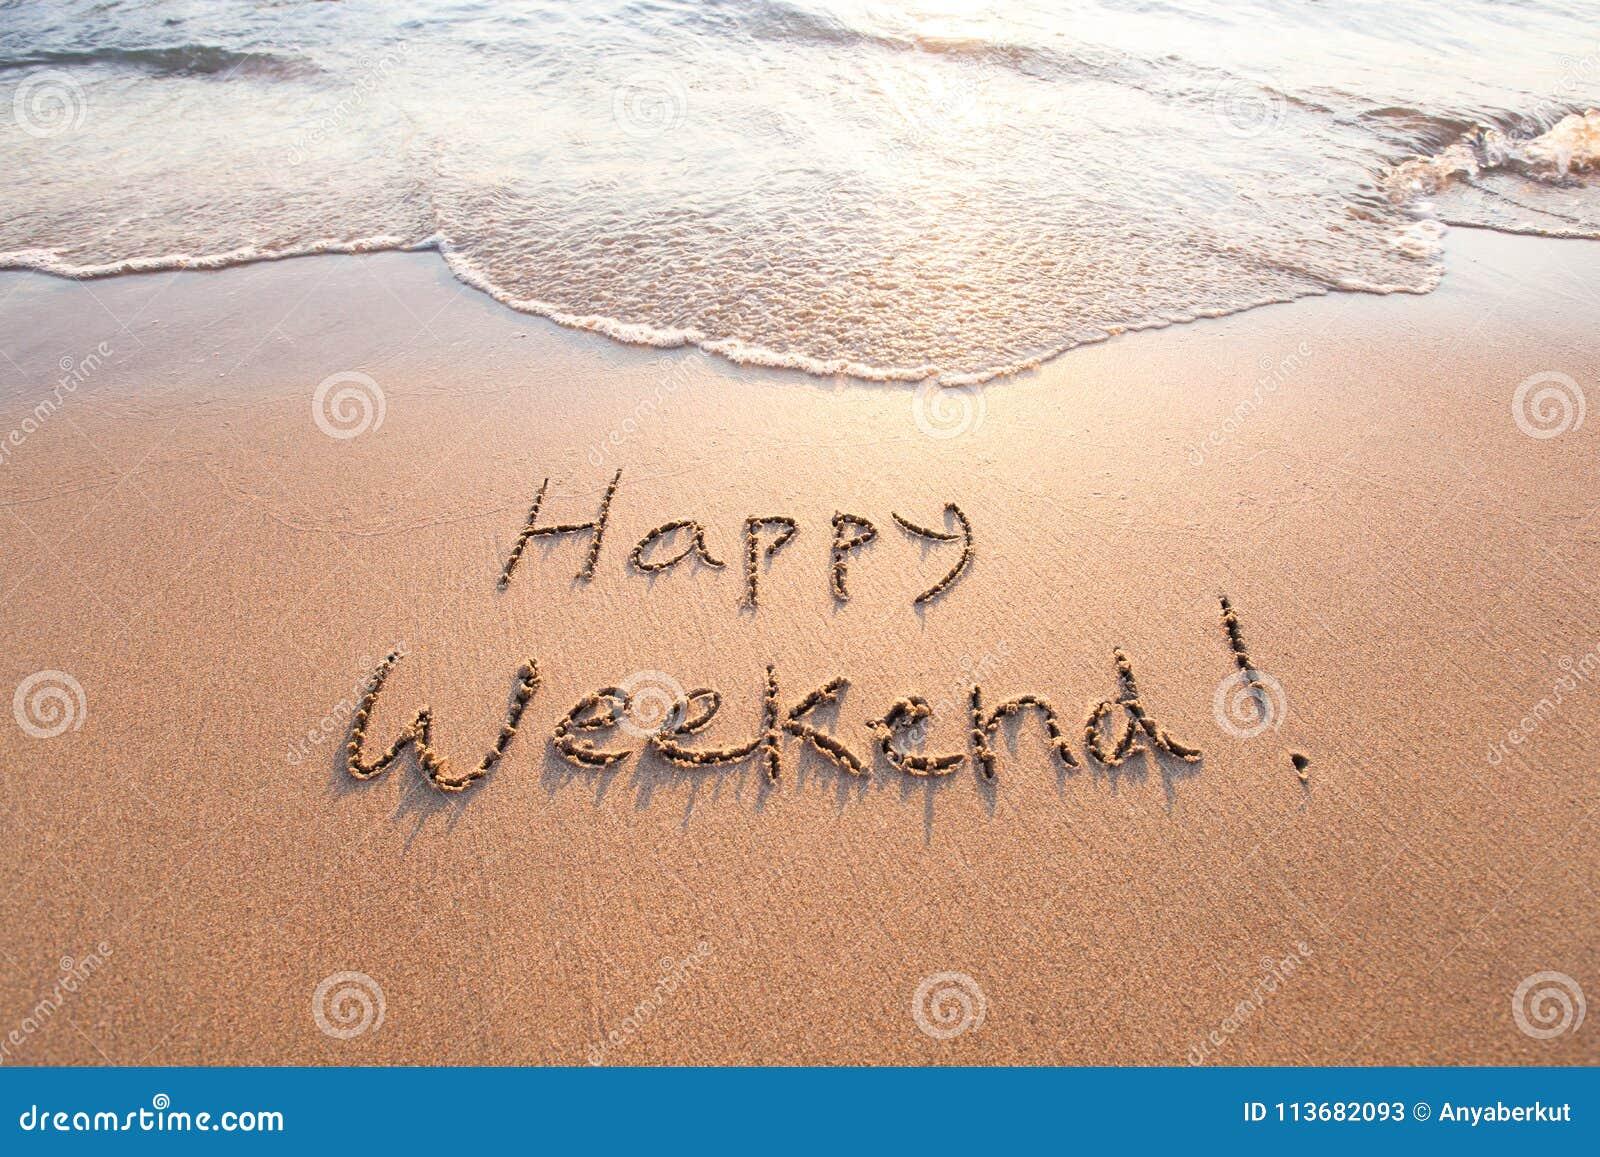 happy-weekend-happy-weekend-greeting-card-written-sand-113682093.jpg